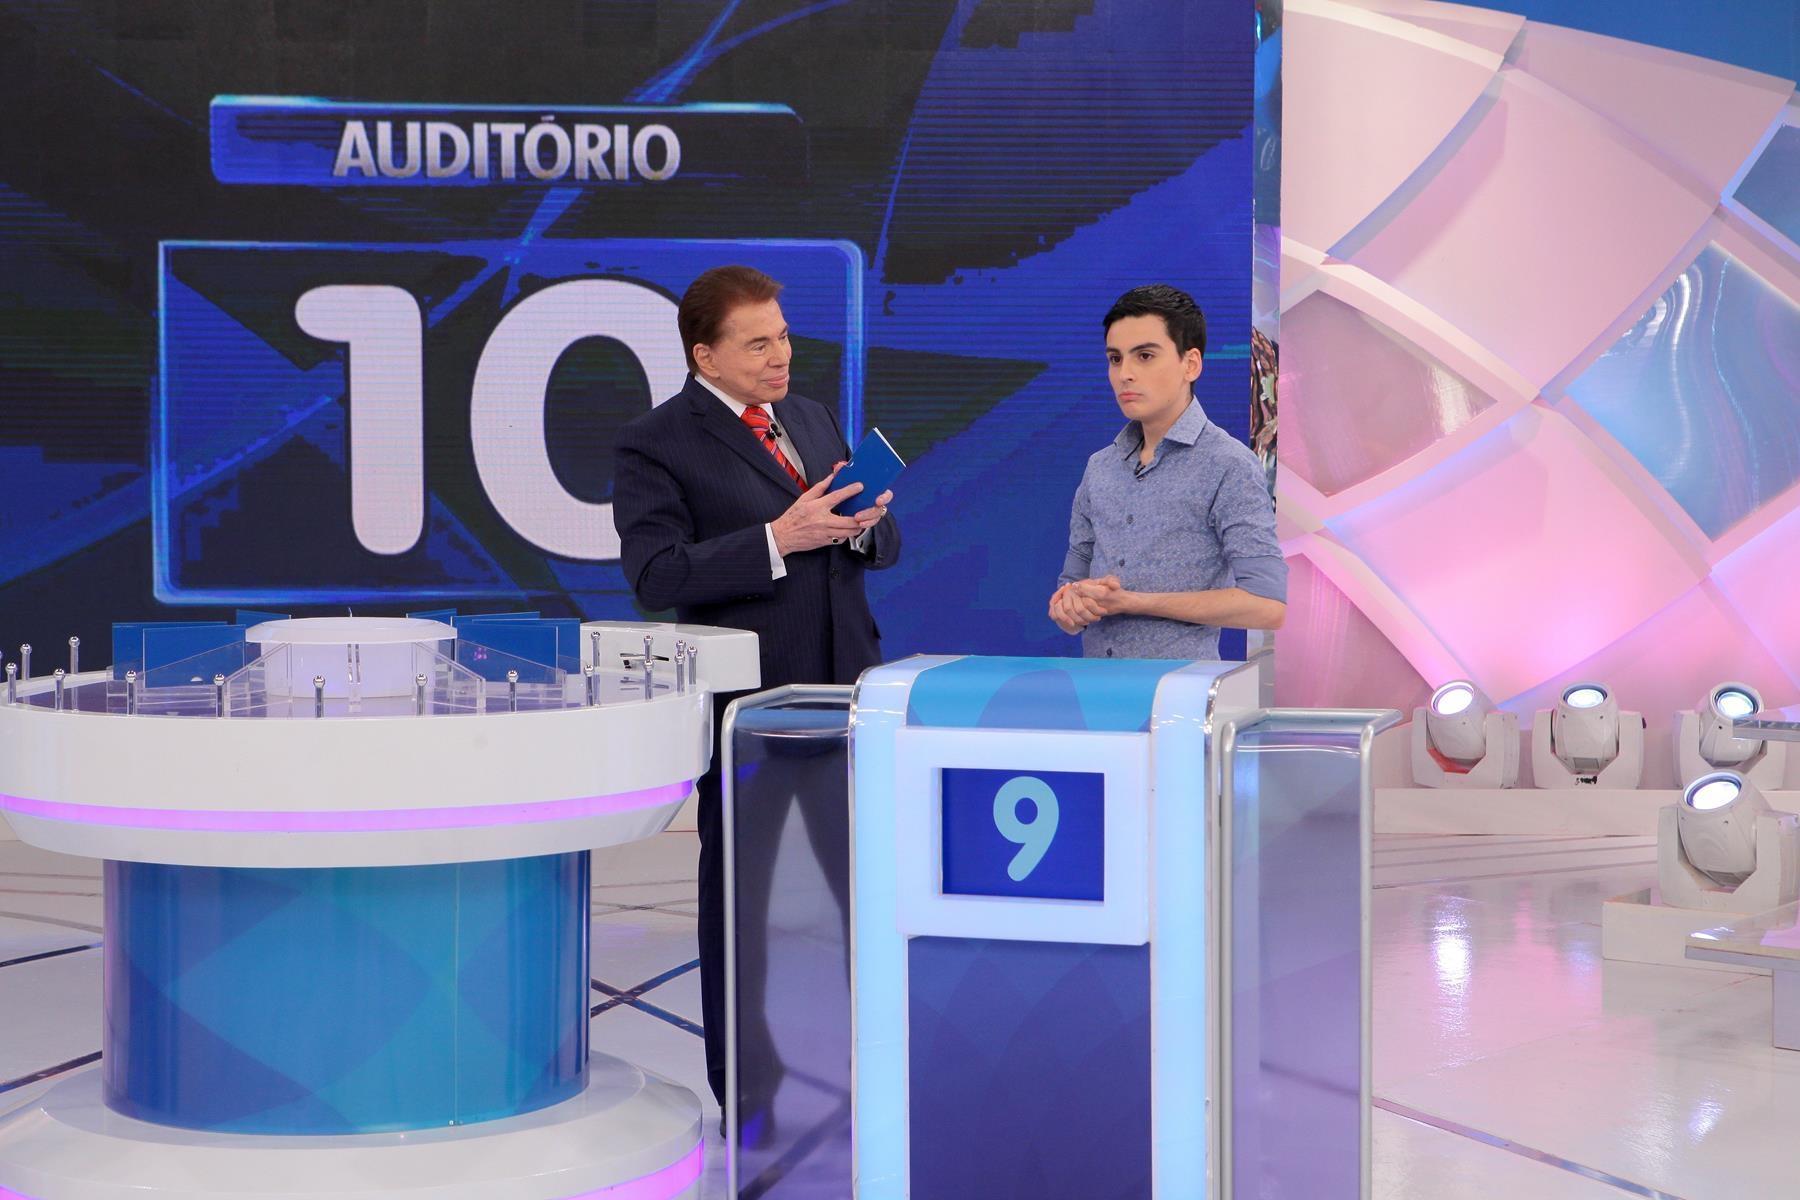 Dudu Camargo diz que Silvio Santos vetou cobertura de velório de Gugu - Imagem 1